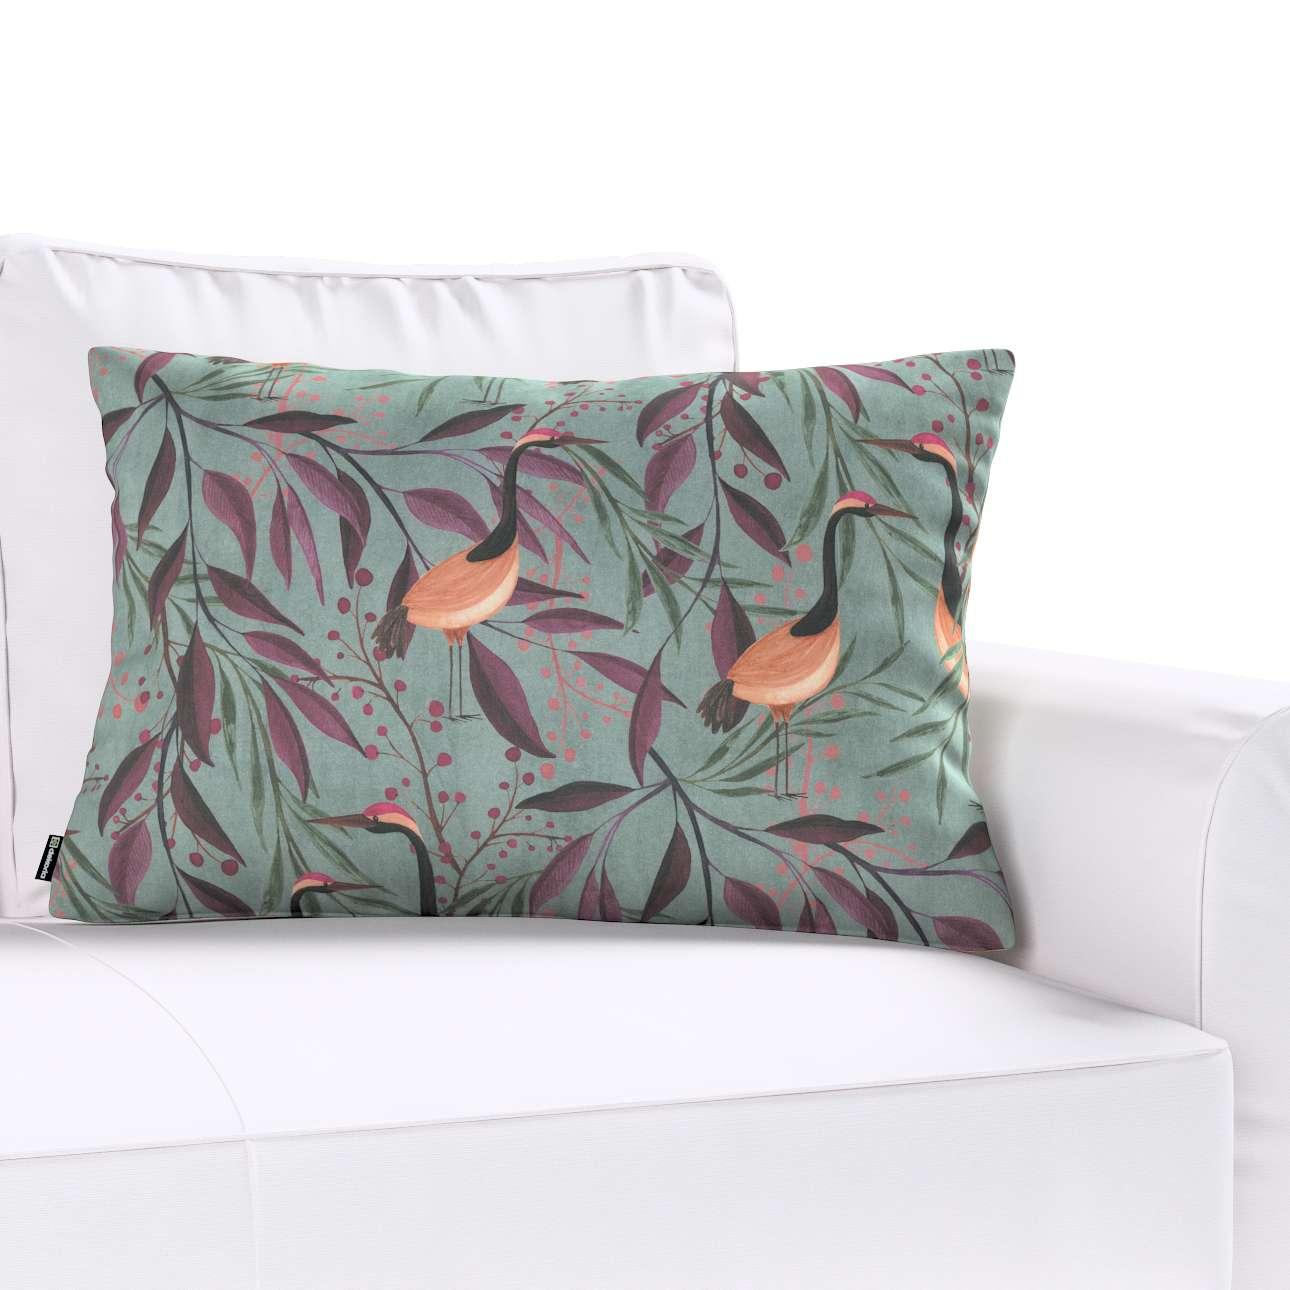 Poszewka Kinga na poduszkę prostokątną w kolekcji Abigail, tkanina: 143-11